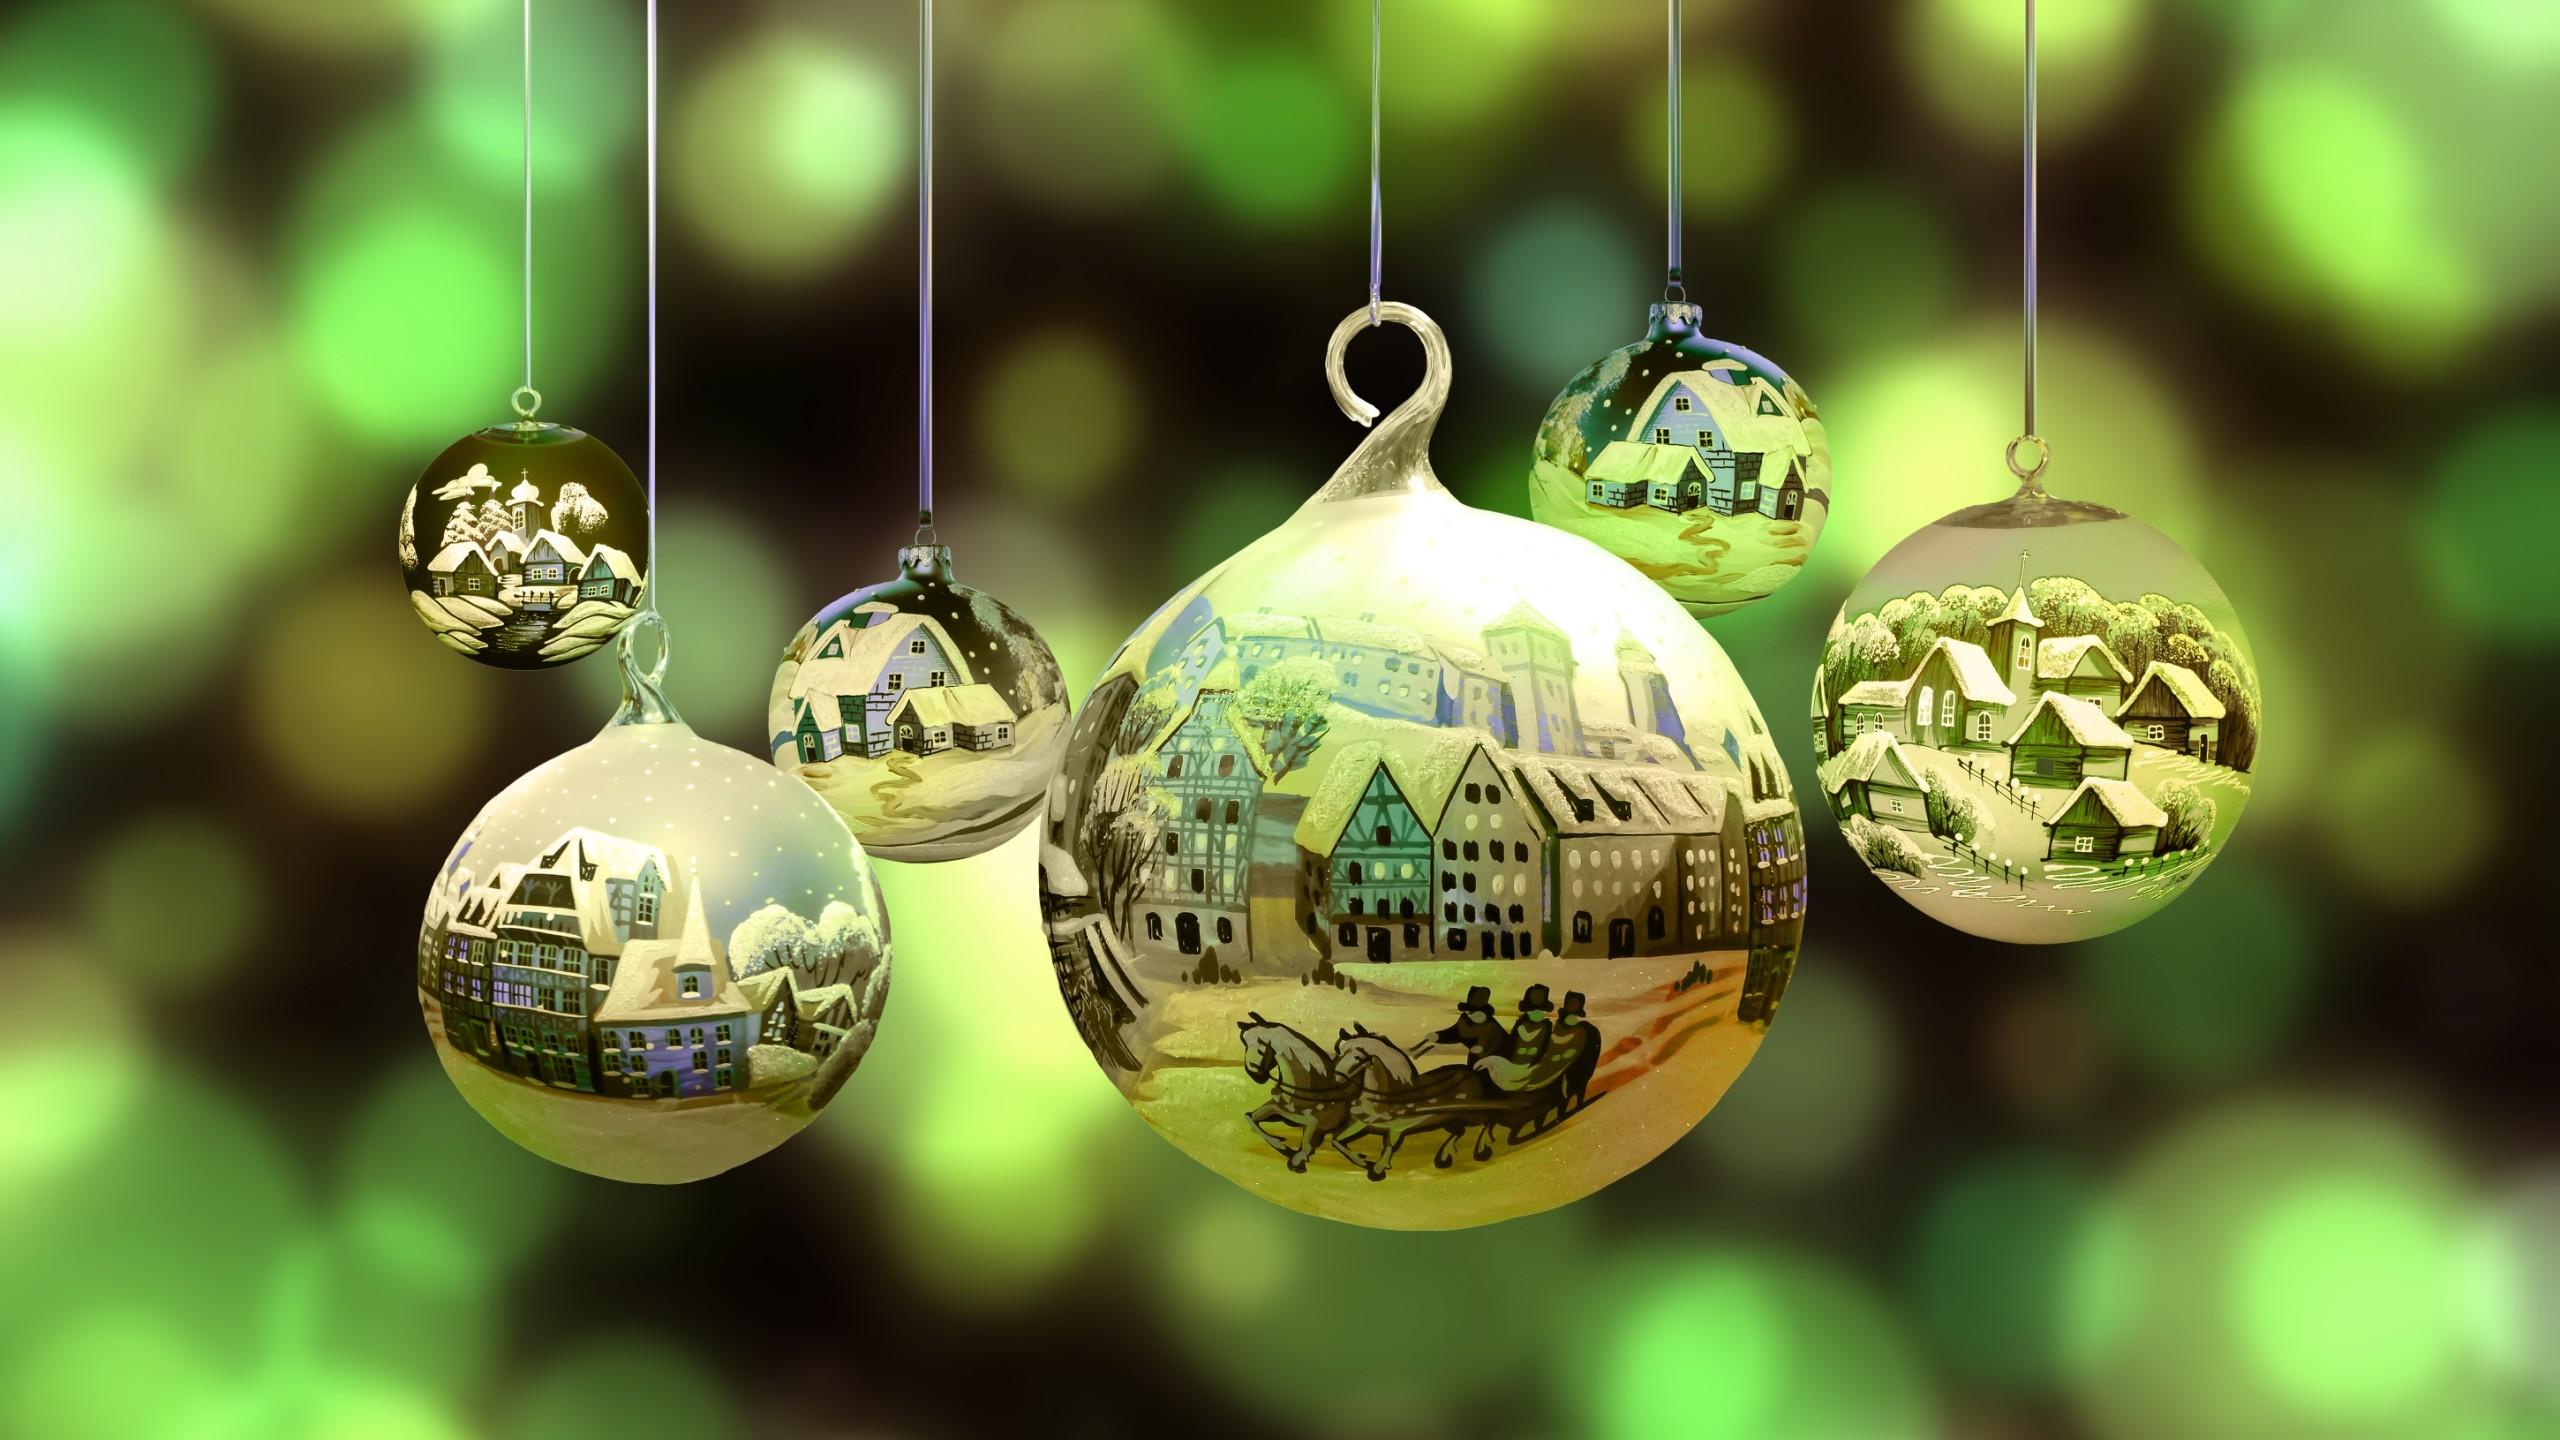 Wallpaper Christmas New Year Santa Balls Decorations Hd